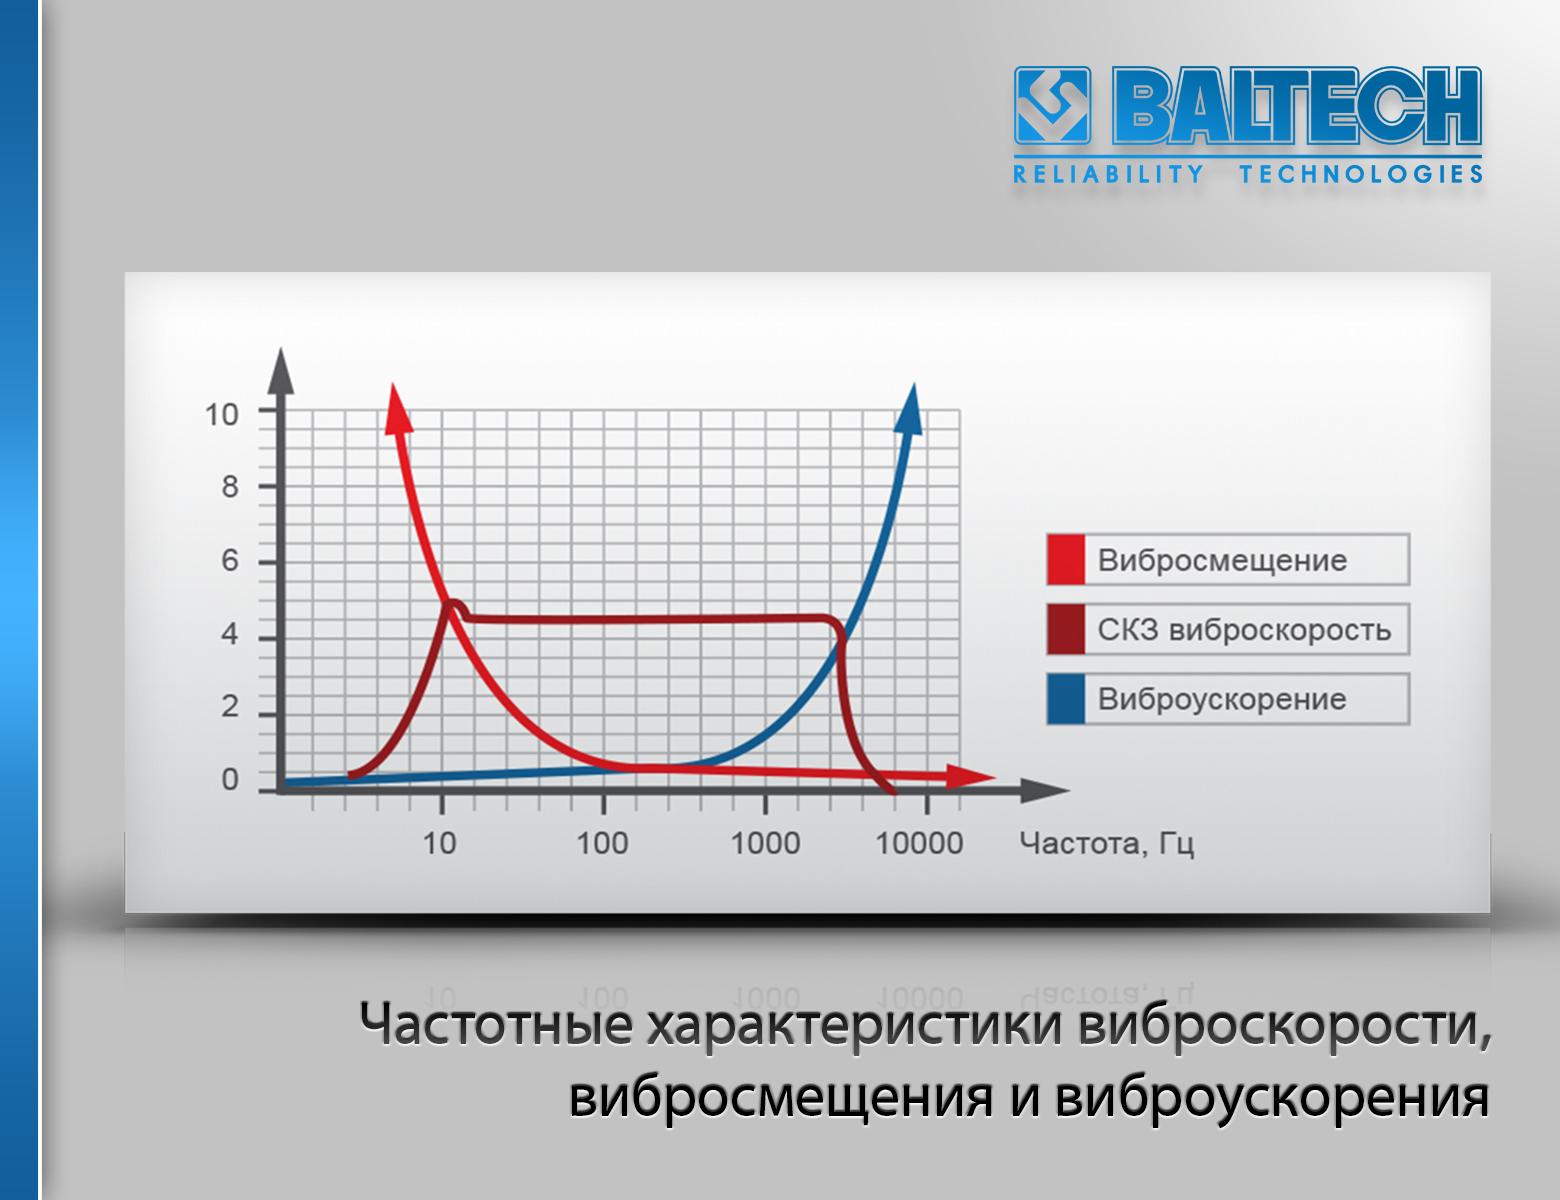 Частотные характеристики виброскорости, вибросмещения (виброперемещения) и виброускорения